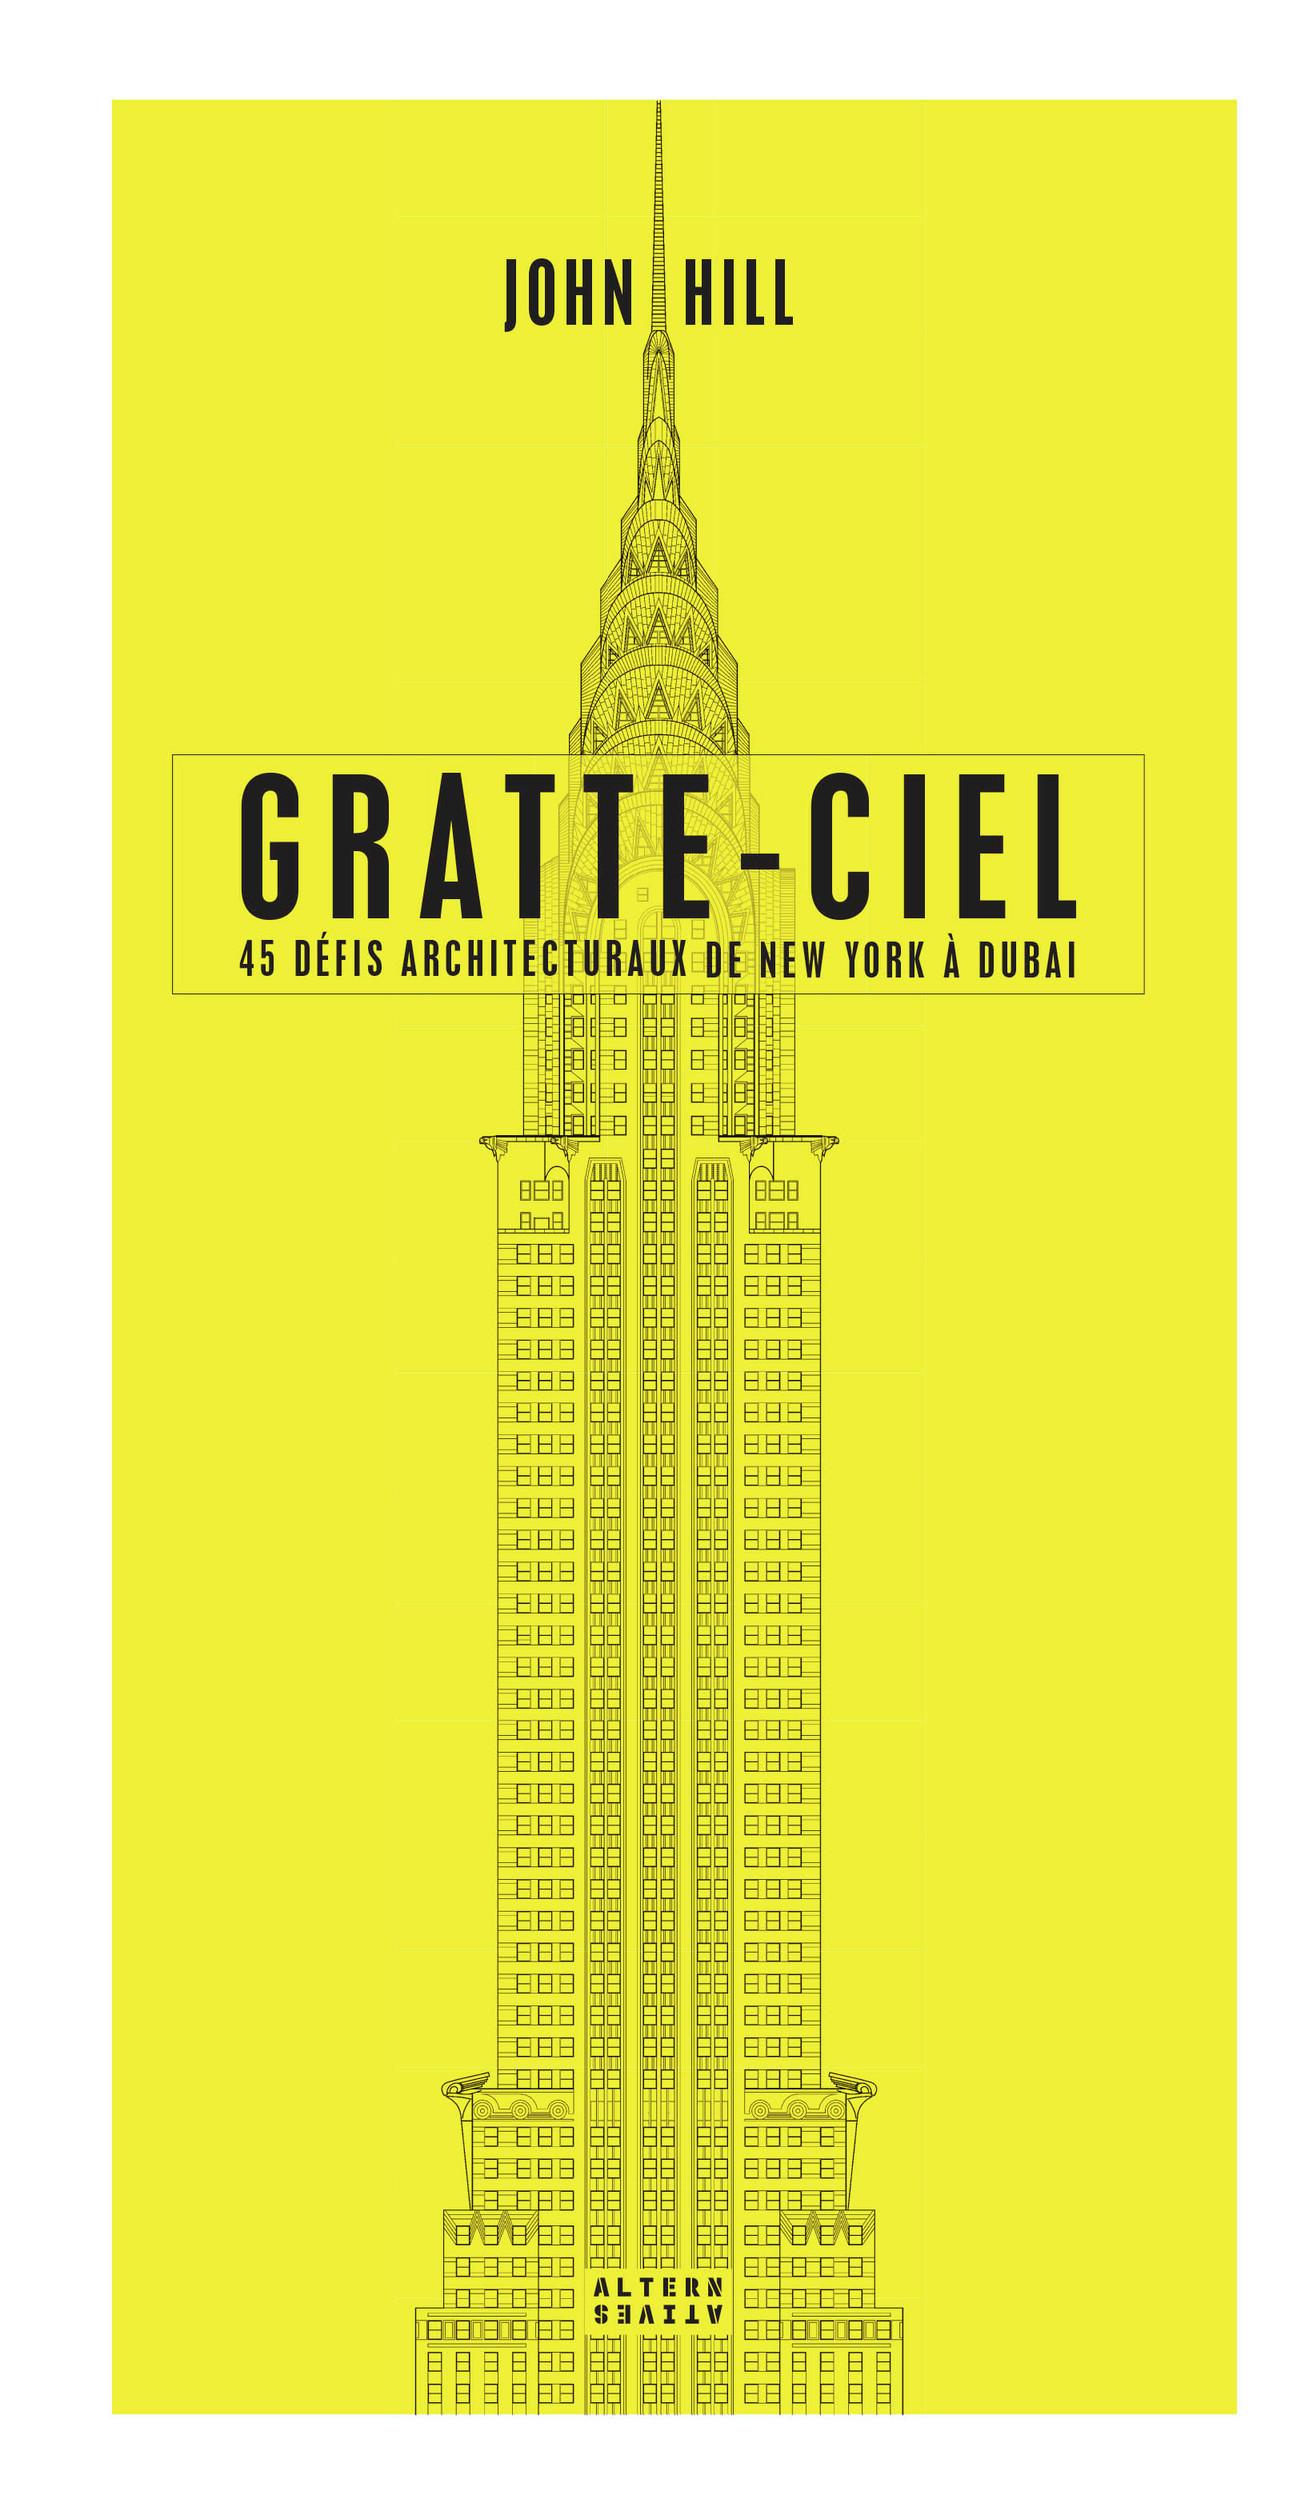 GRATTE-CIEL - 45 DEFIS ARCHITECTURAUX DE NEW YORK A DUBAI